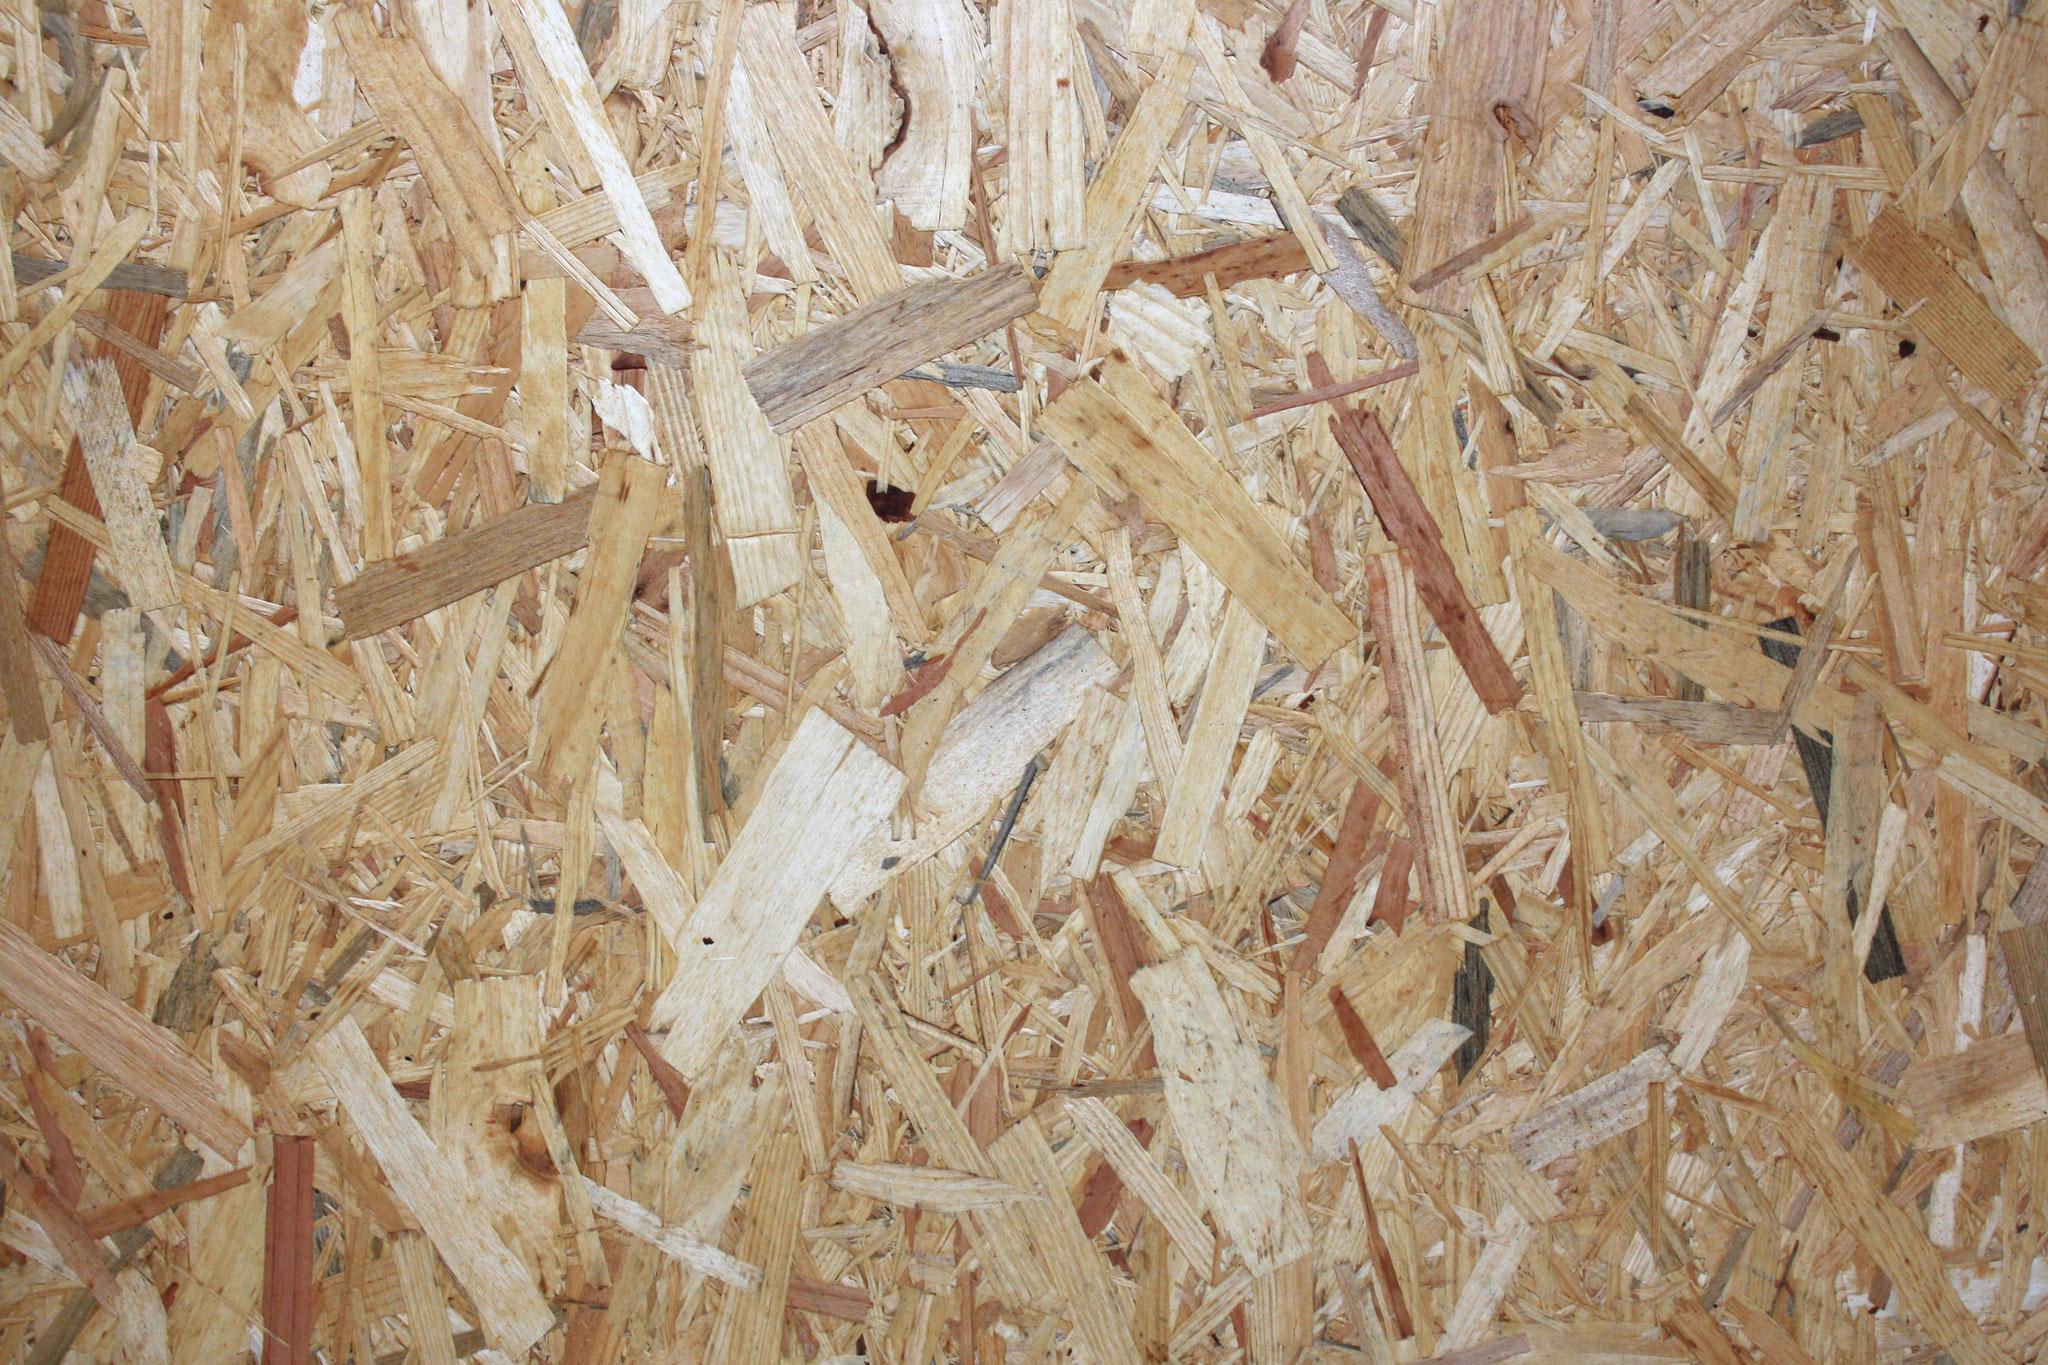 Pannelli Legno Senza Formaldeide il legno all'interno delle nostre abitazioni - 8plan